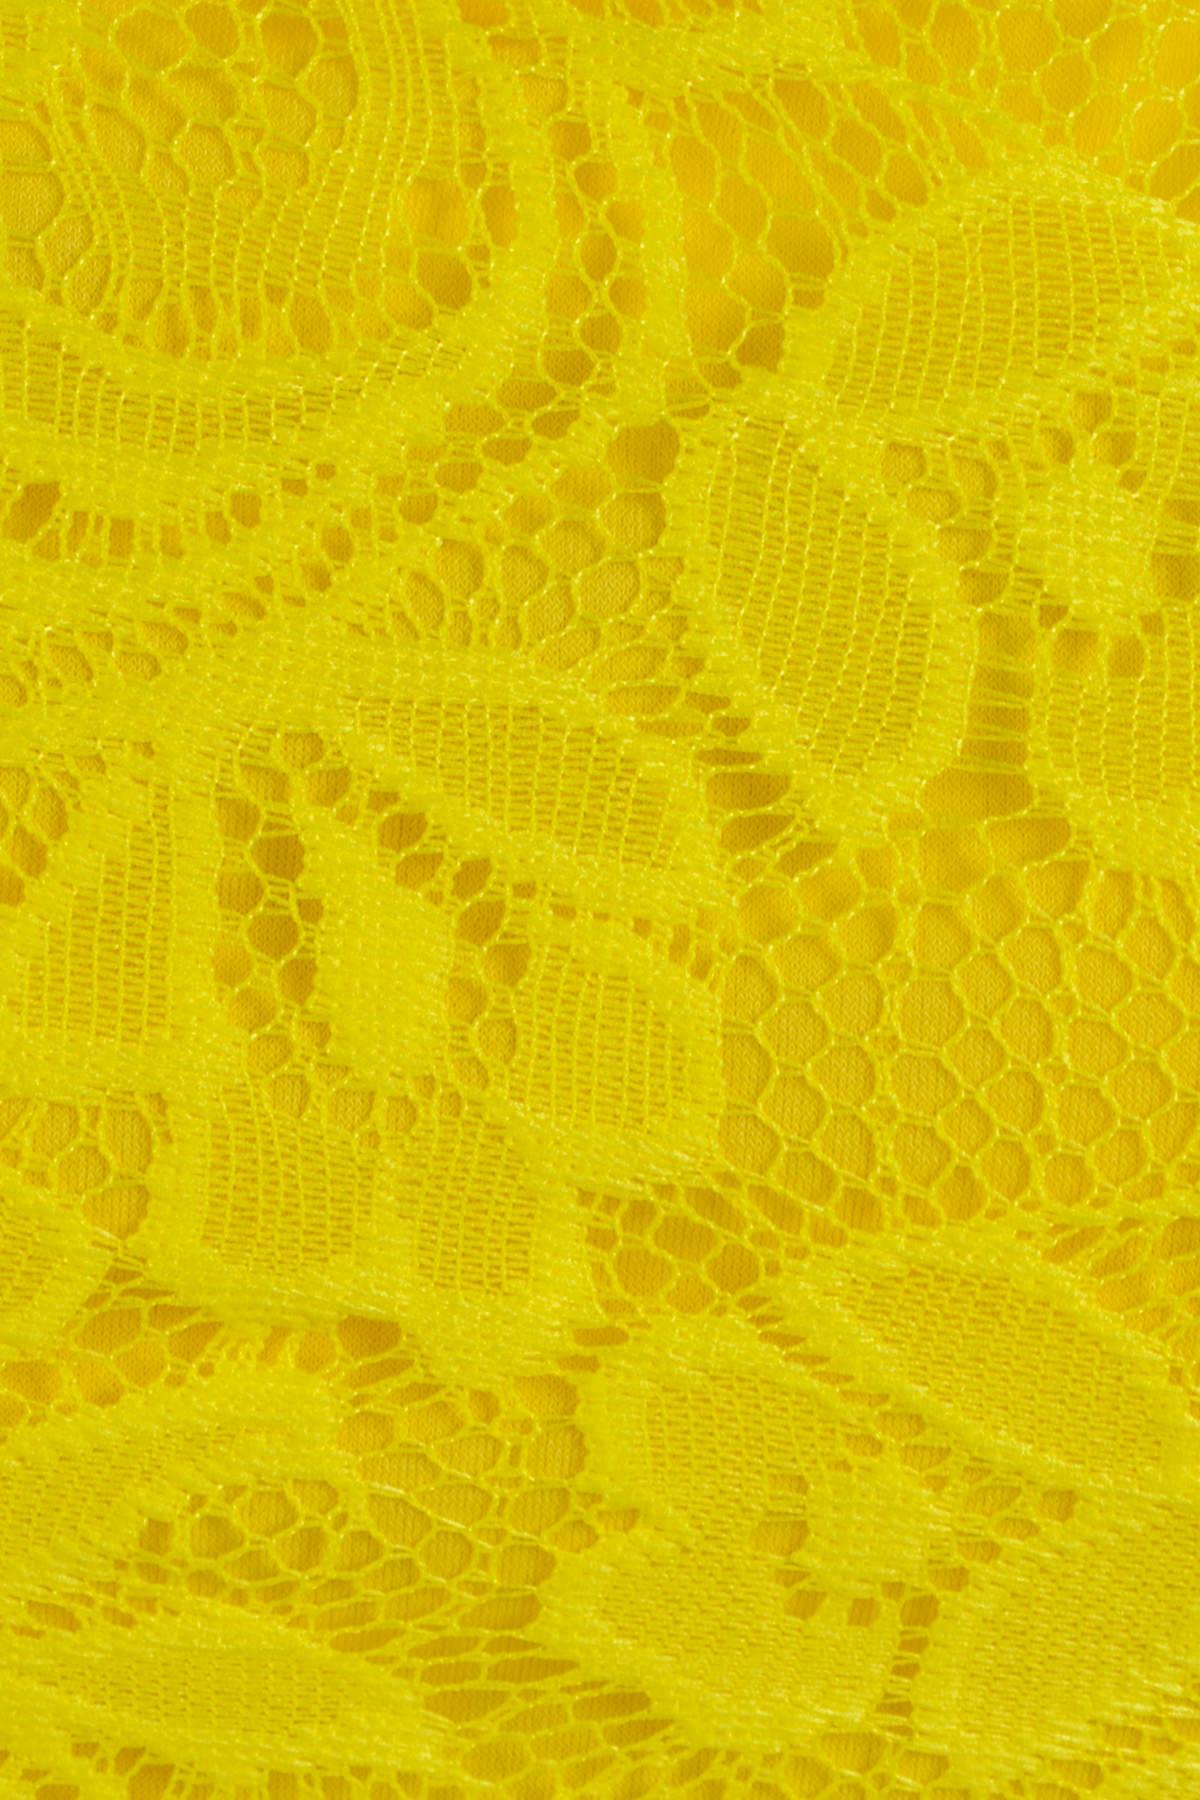 Платье Тирамису АРТ. 3633 Цвет: Желтый вензель 4 - фото 4, интернет магазин tm-modus.ru